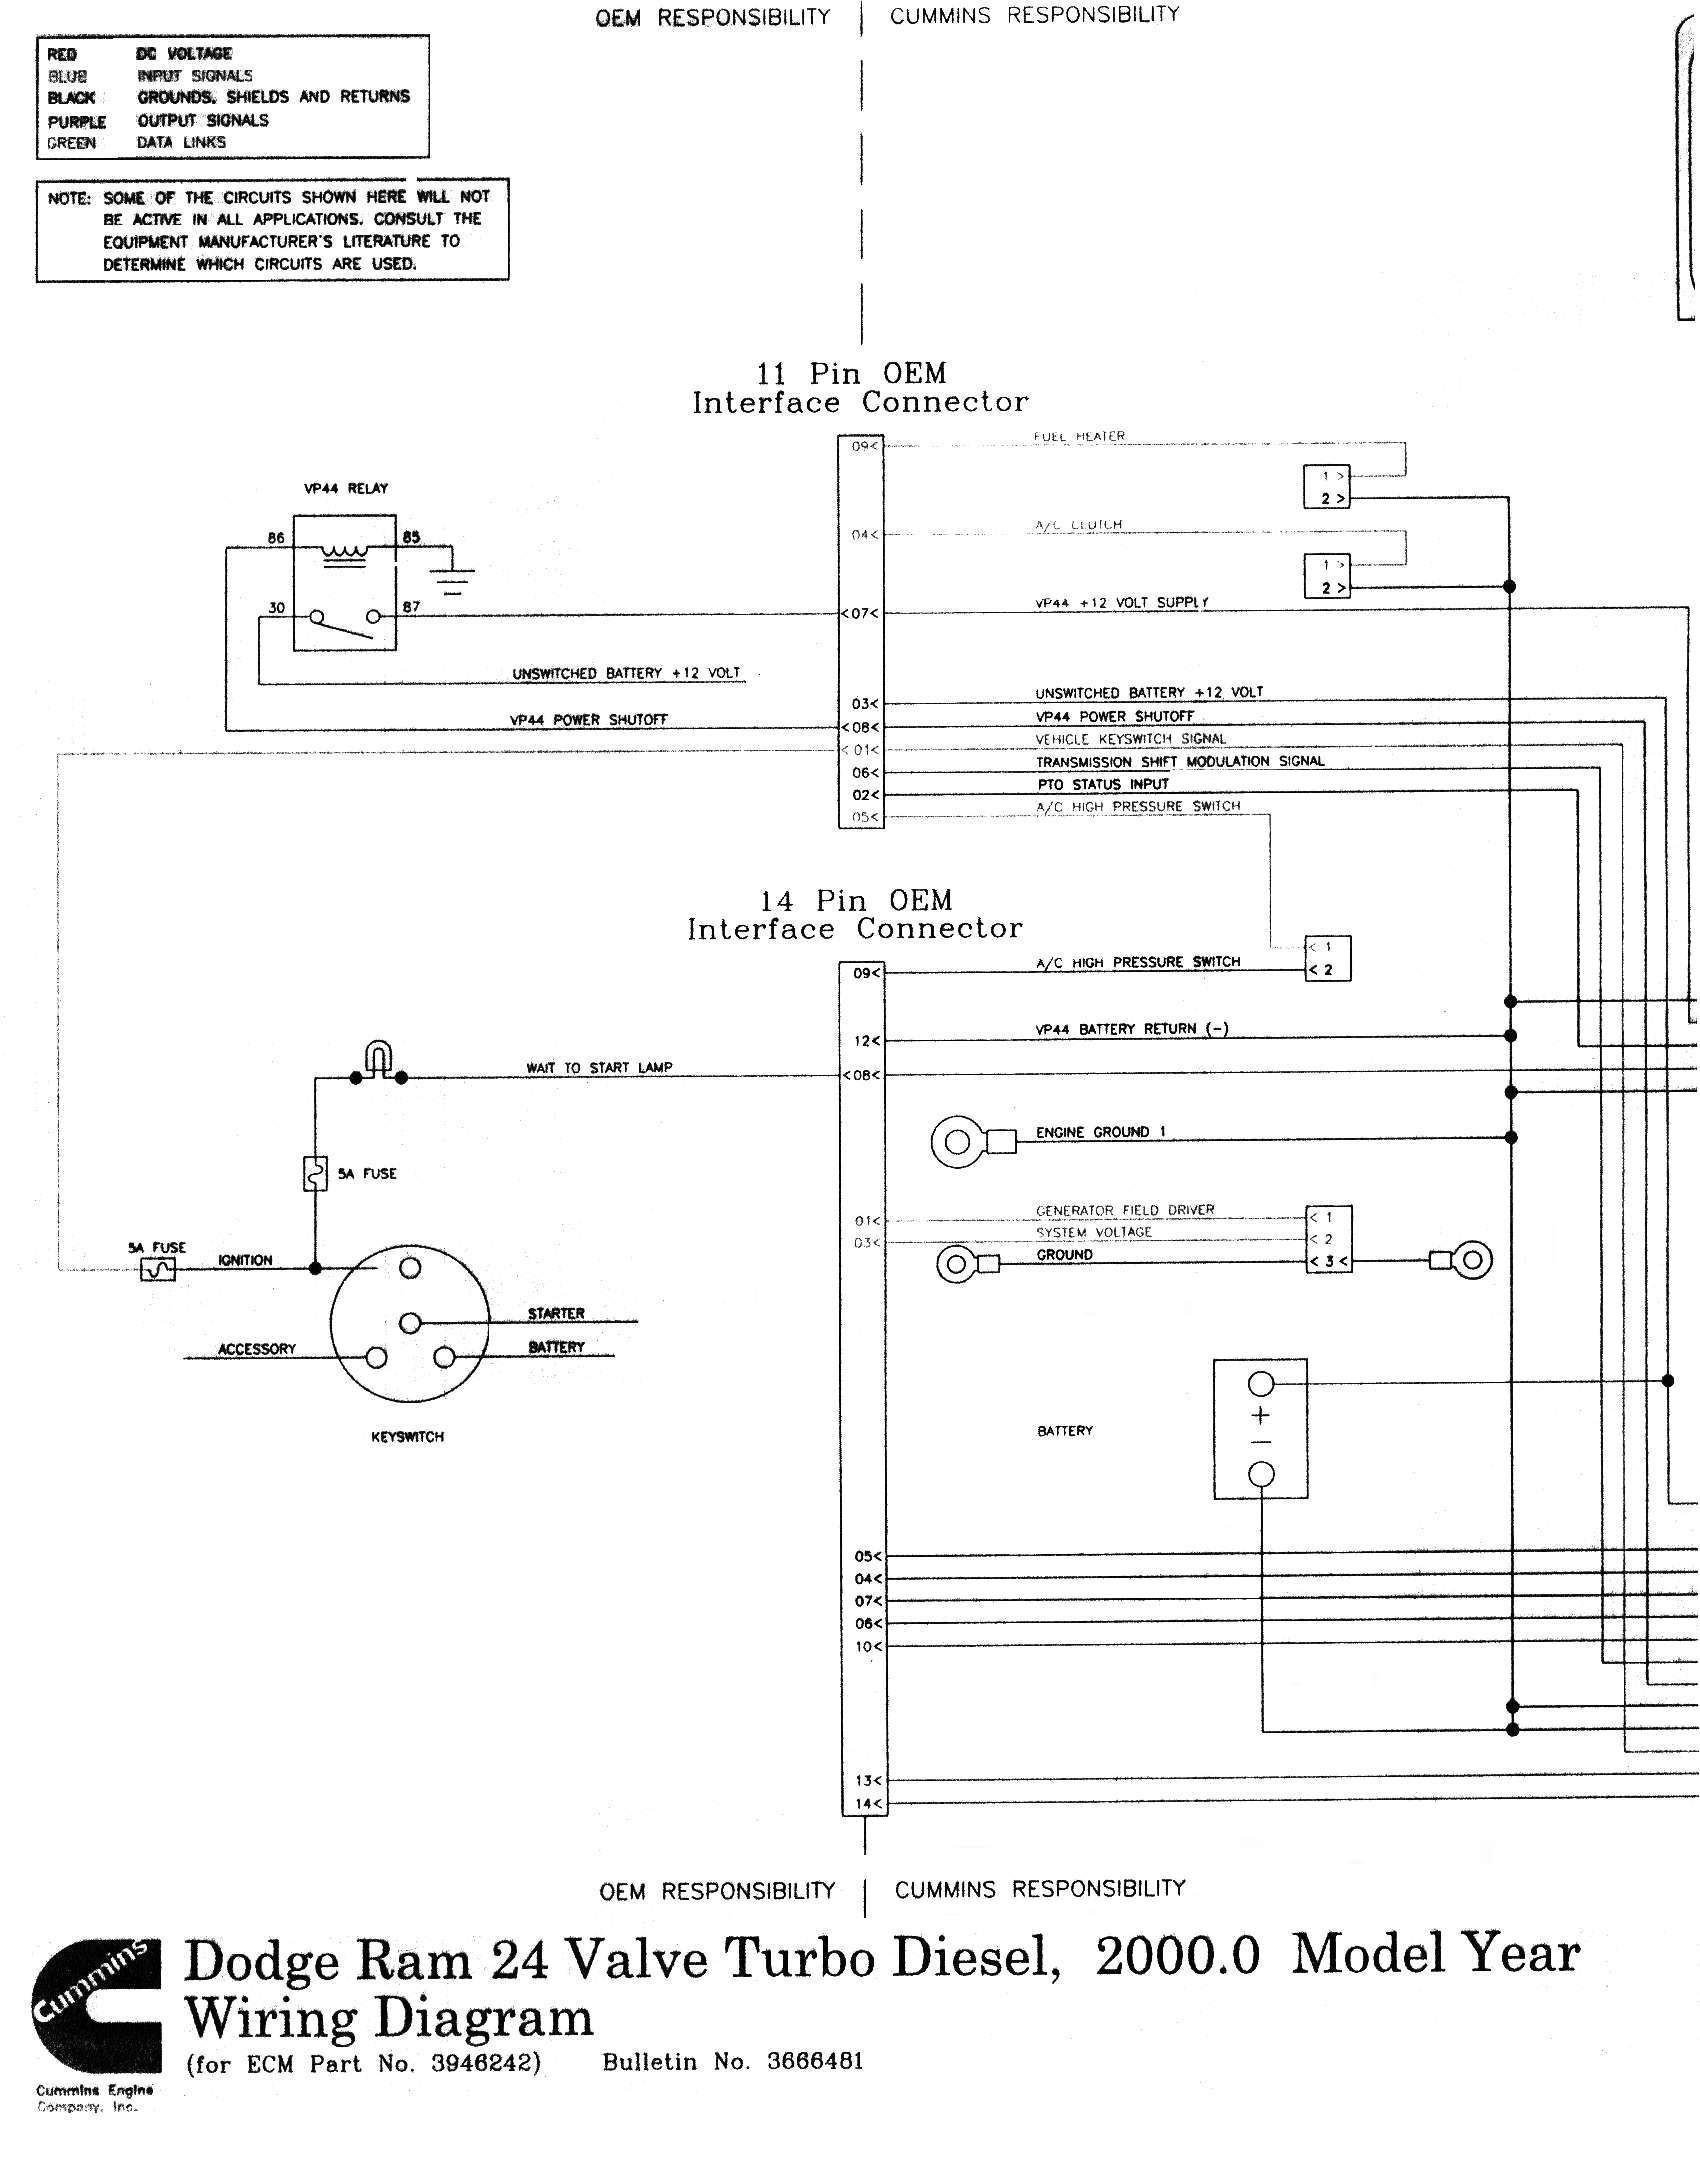 [DIAGRAM_4PO]  RY_7890] Wiring Diagram For 2005 Dodge Ram 2500 Schematic Wiring | 2005 Dodge Ram Wiring Diagram |  | Hete Elec Ogeno Dome Mohammedshrine Librar Wiring 101